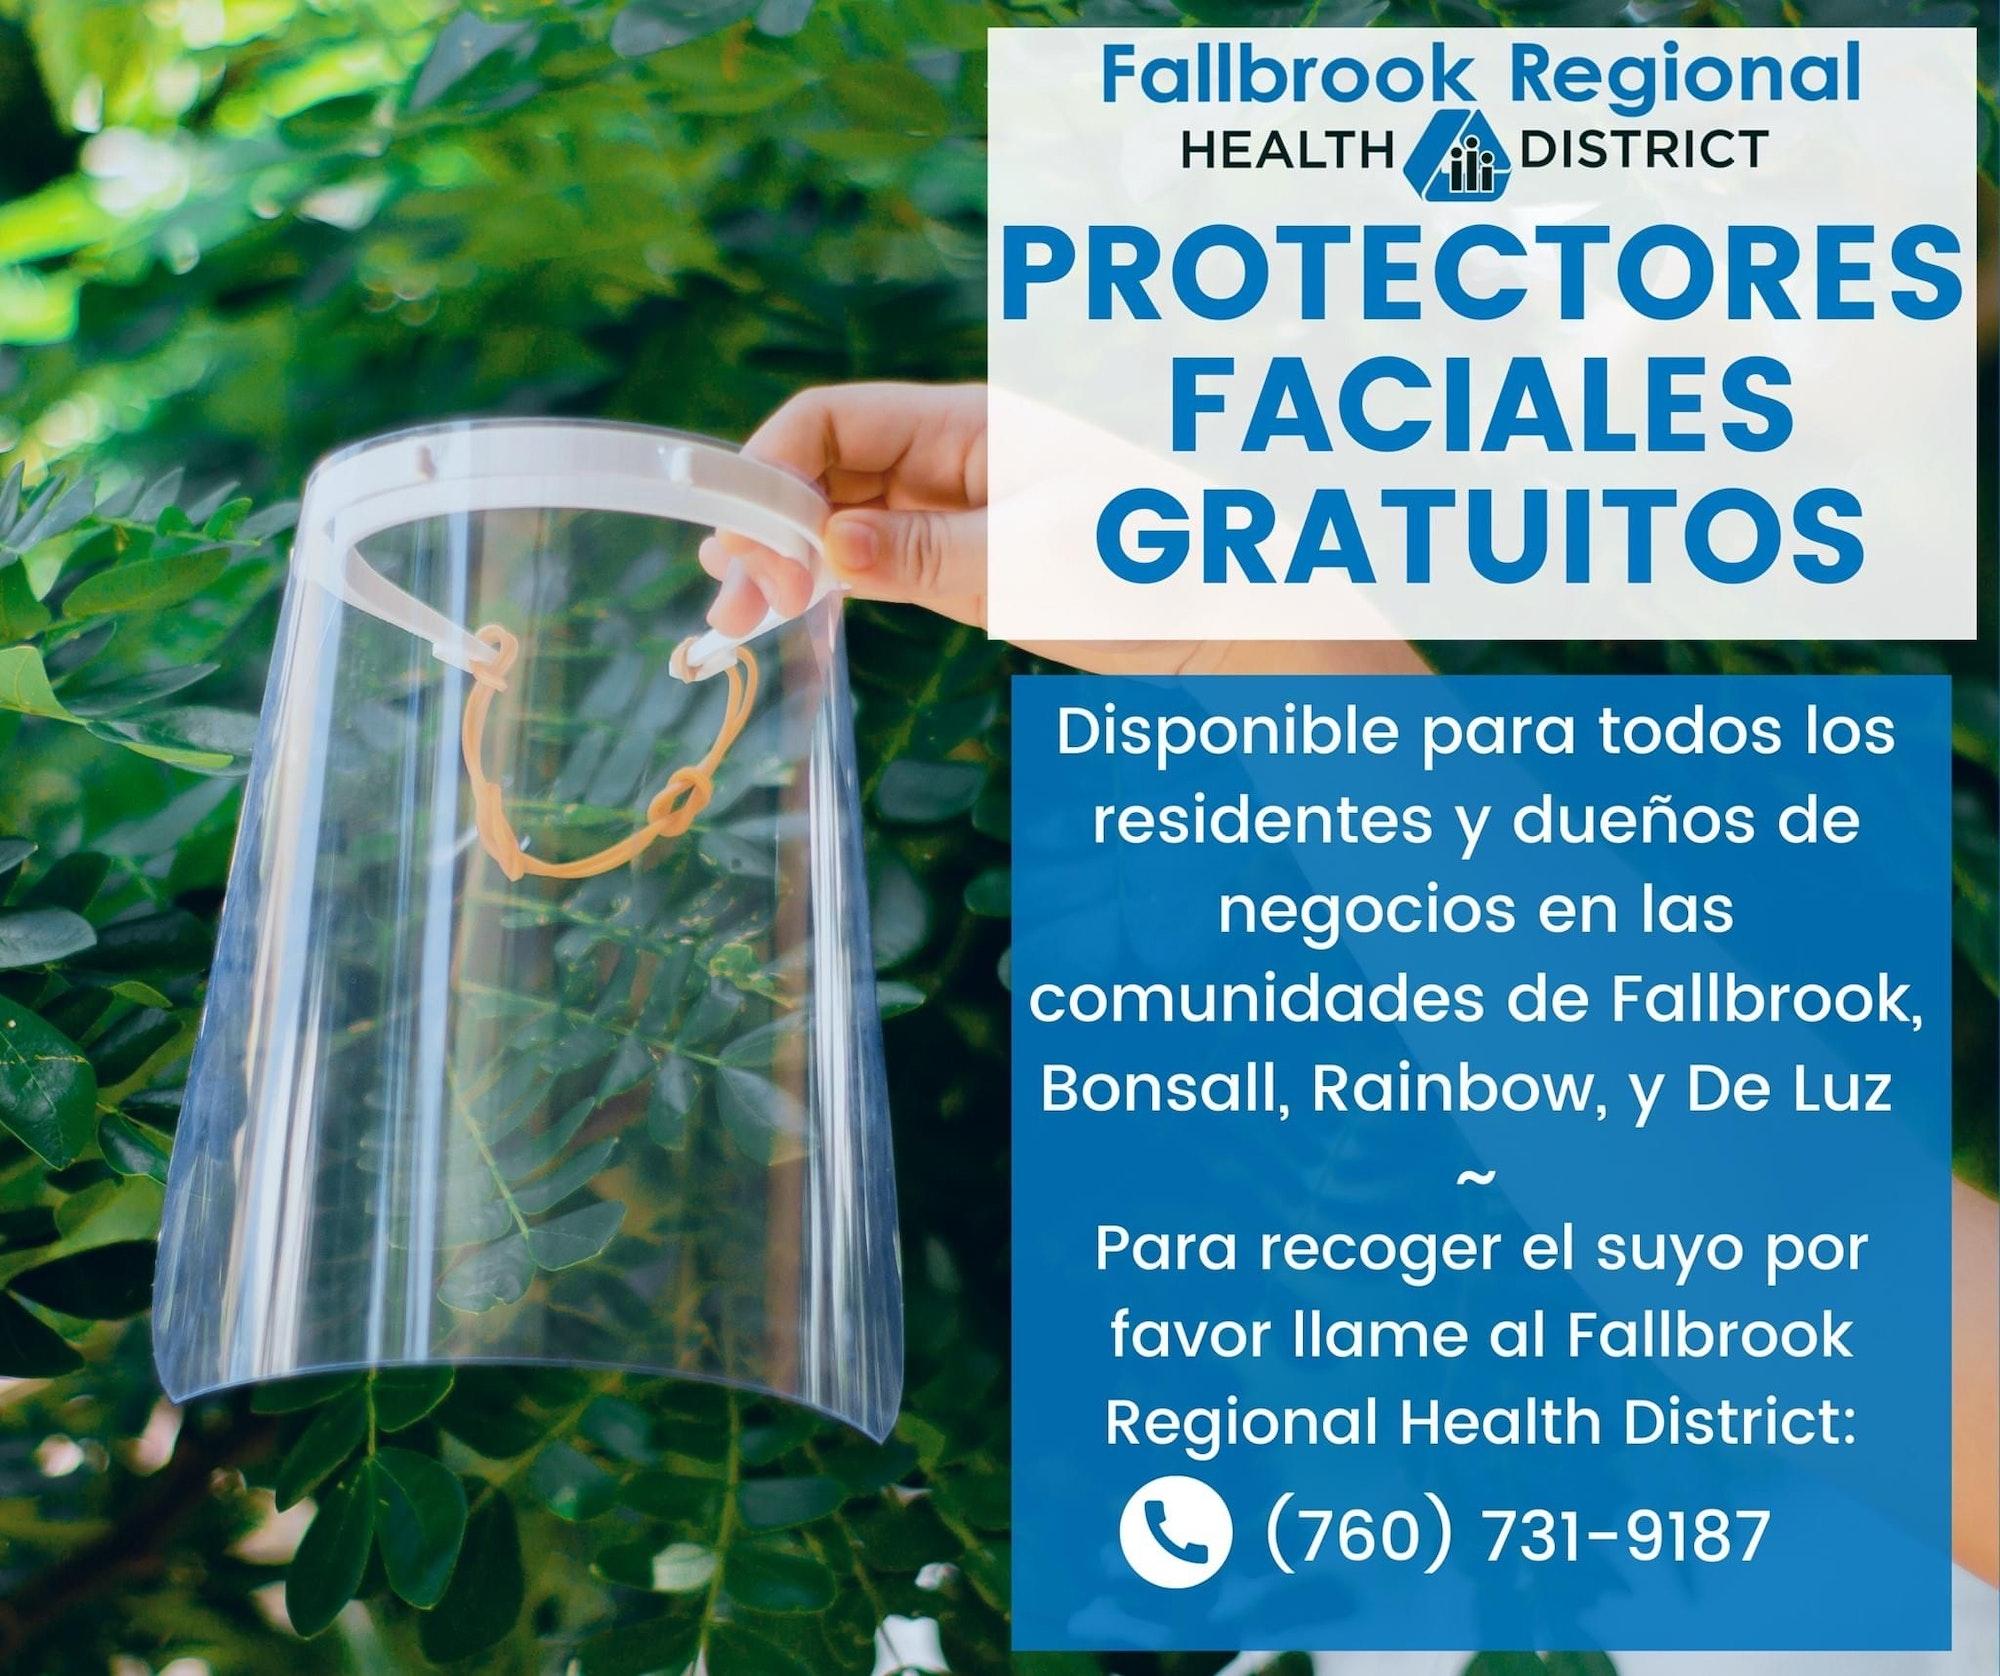 Protectores Faciales Gratuitos. Disponibles para todos los residented y dueños de negocios en las comunidades de Fallbrook, Bonsall, Rainbow, y De Luz.